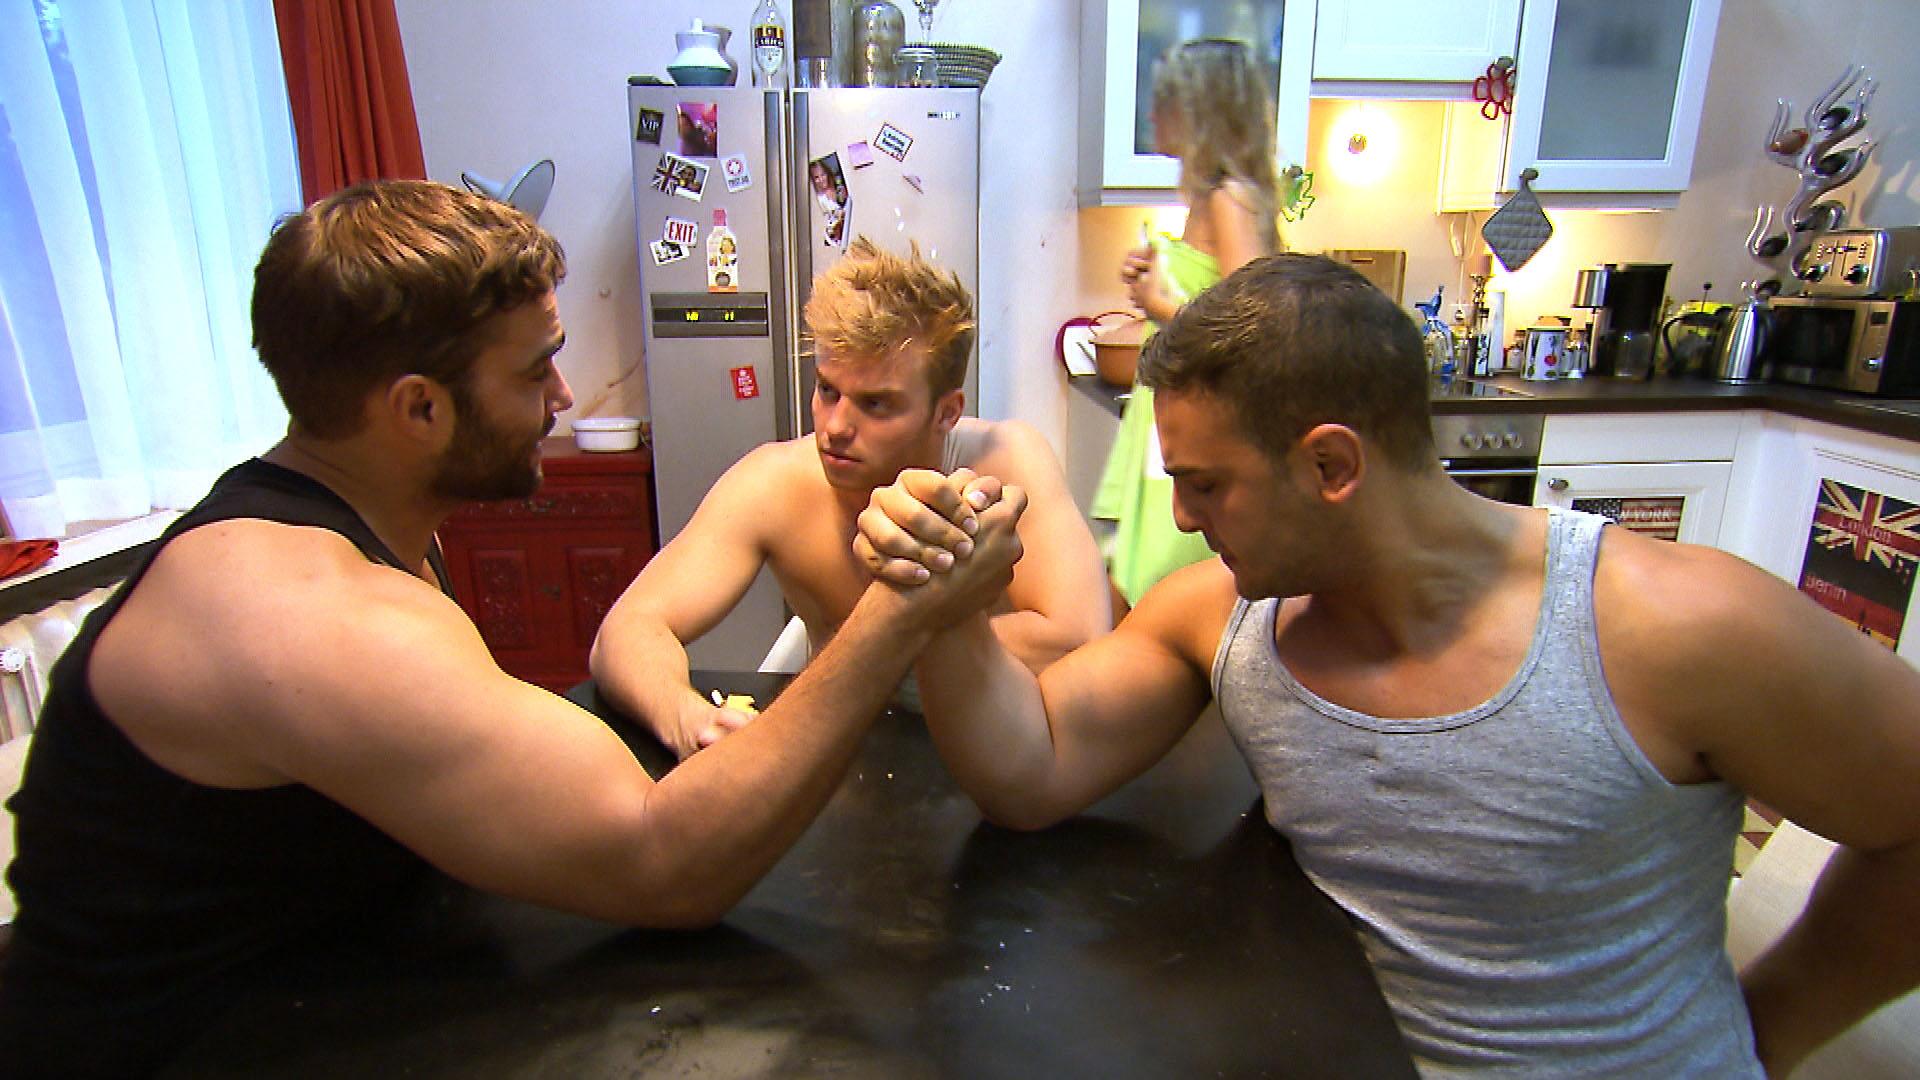 Cems (re.) und Diegos (li.) Konkurrenzkampf geht in die zweite Runde. Felix (mi.) spielt Schiedsrichter... (Quelle: RTL 2)